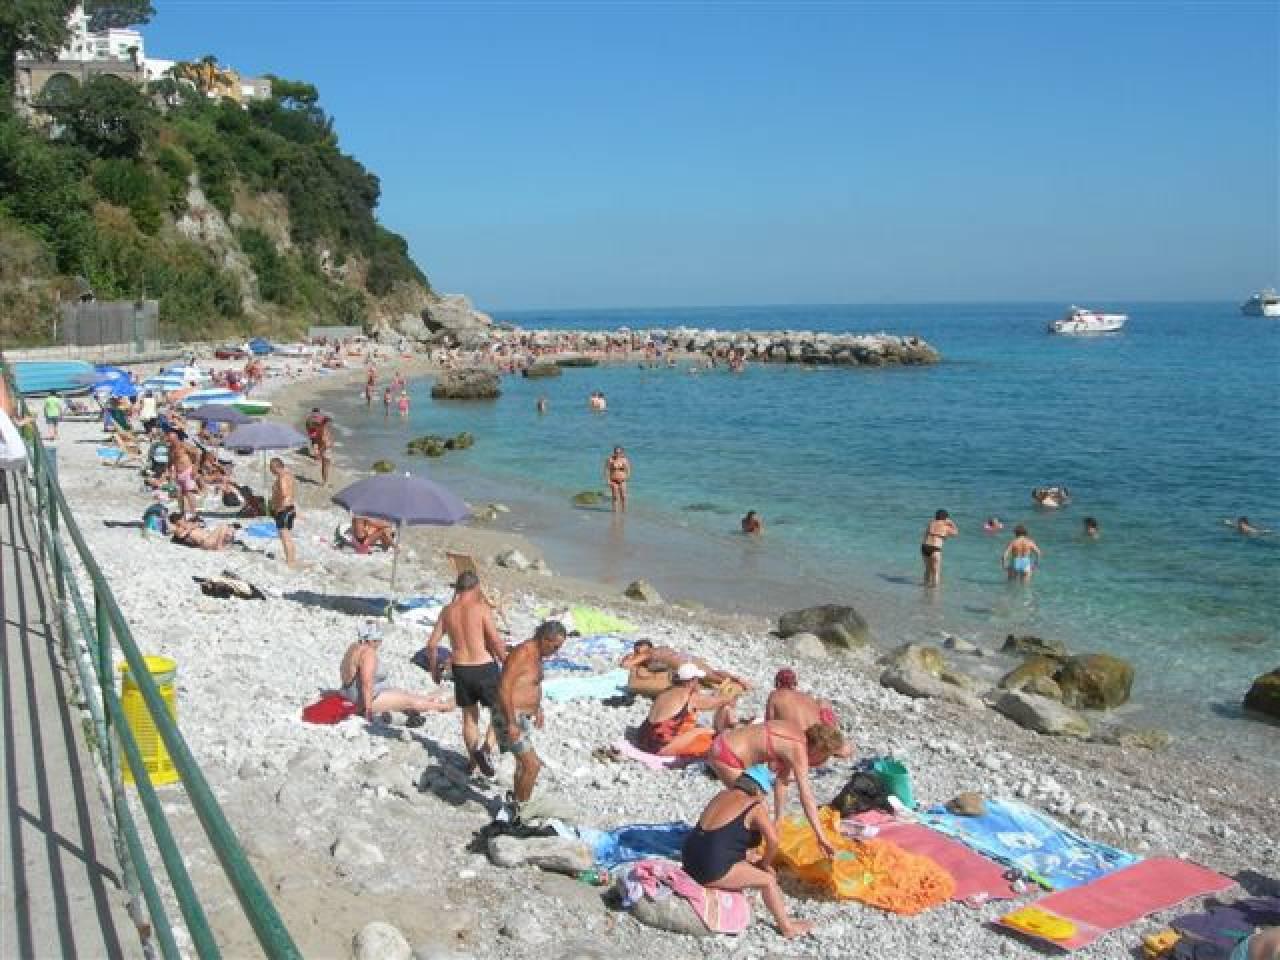 Gran caldo in arrivo la situazione per spiagge e litorali 3b meteo - Meteo bagno di romagna 15 giorni ...